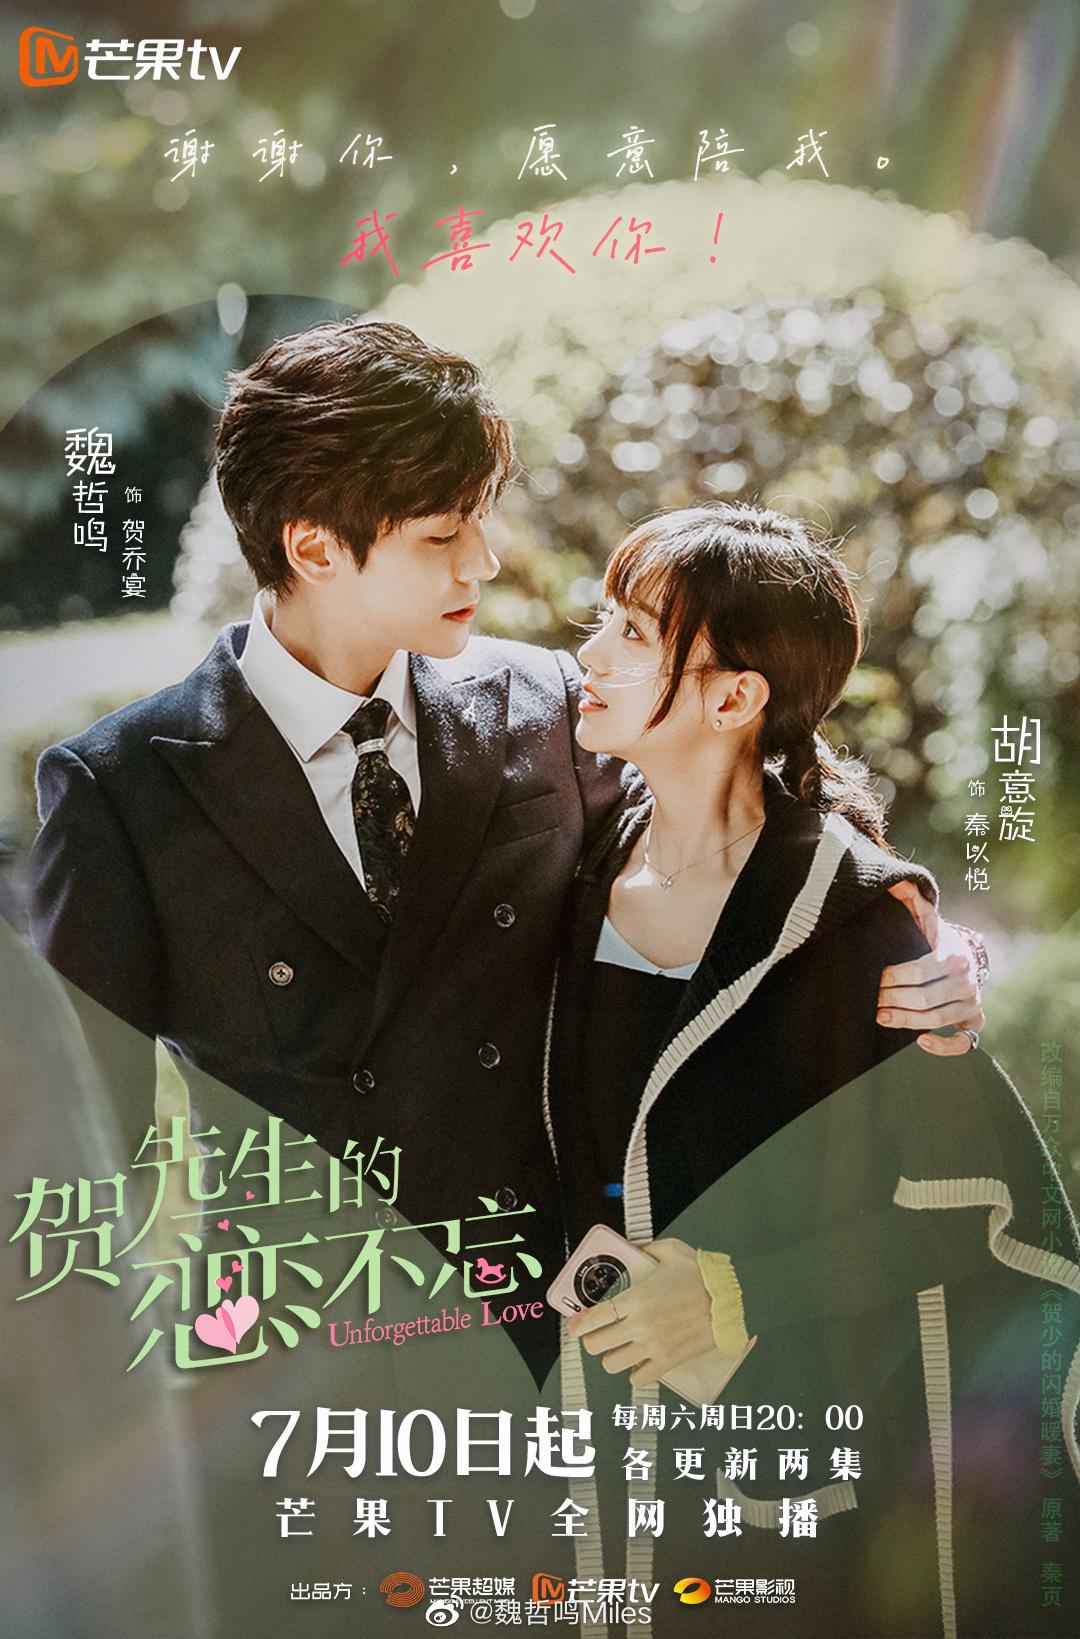 Nỗi Vương Vấn Của Hạ Tiên Sinh - Unforgettable Love (2021)